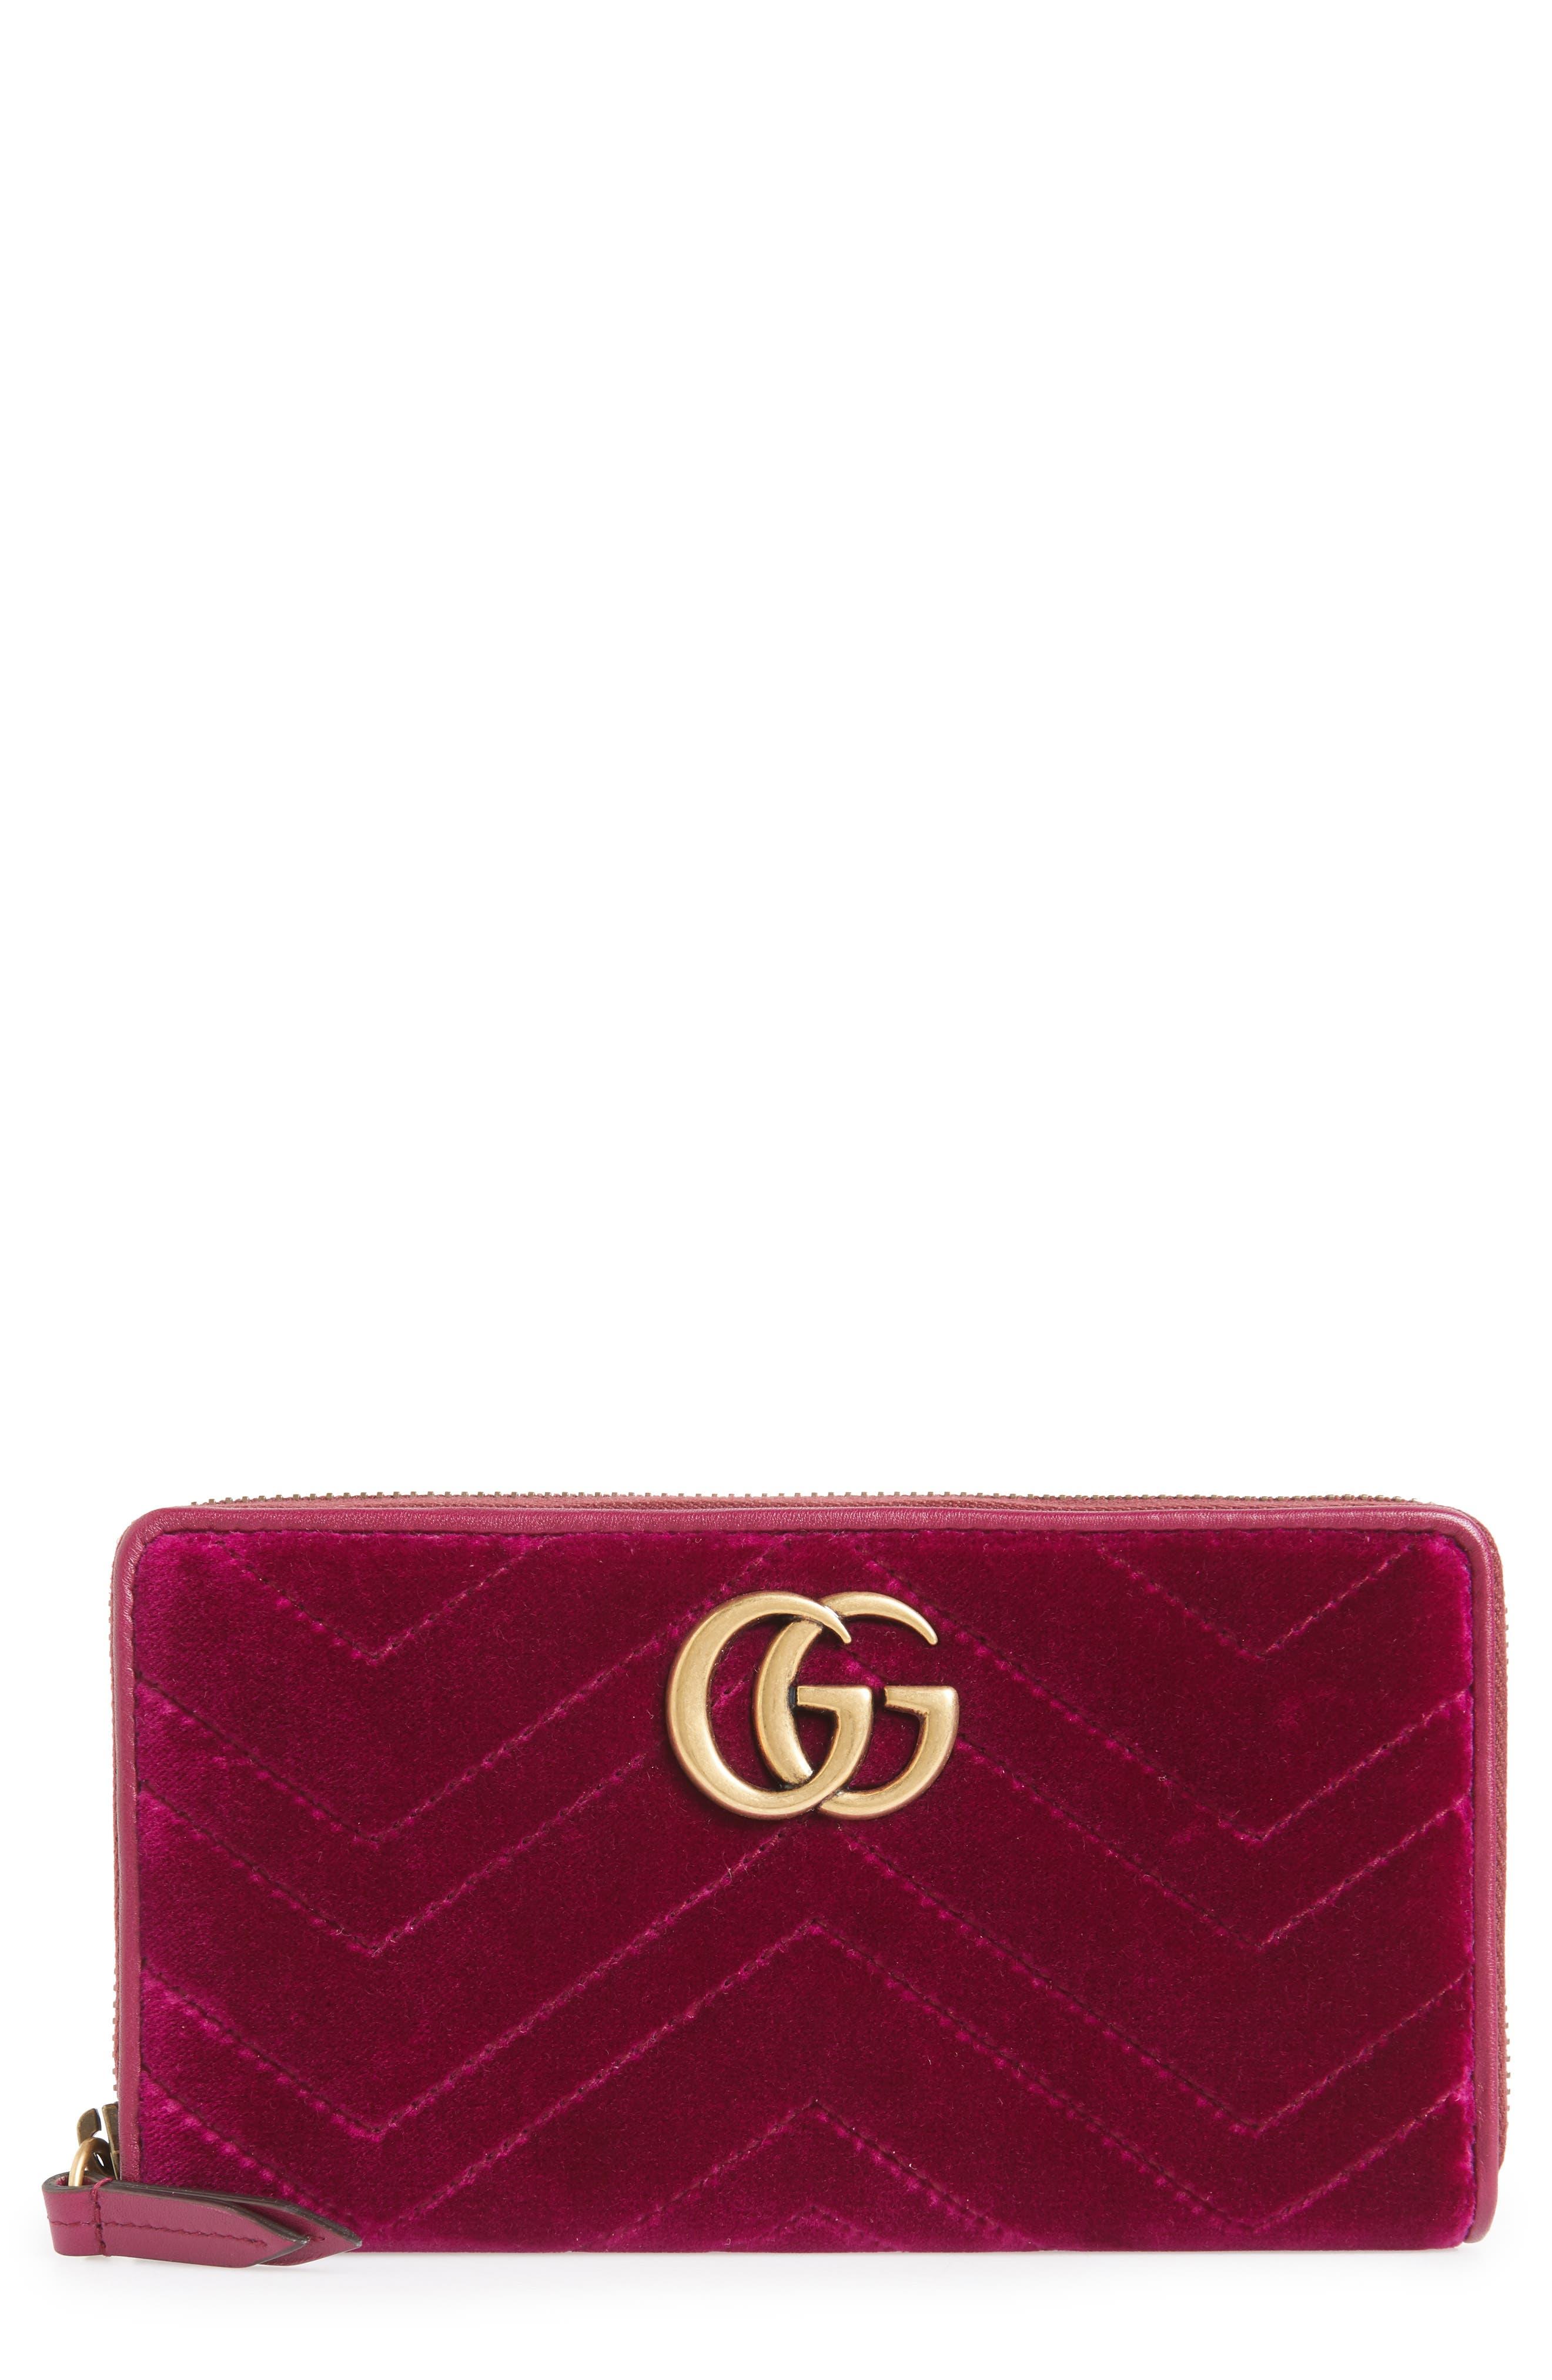 GG Marmont 2.0 Matelassé Velvet Wallet,                             Main thumbnail 1, color,                             FUCSIA/ VIOLA